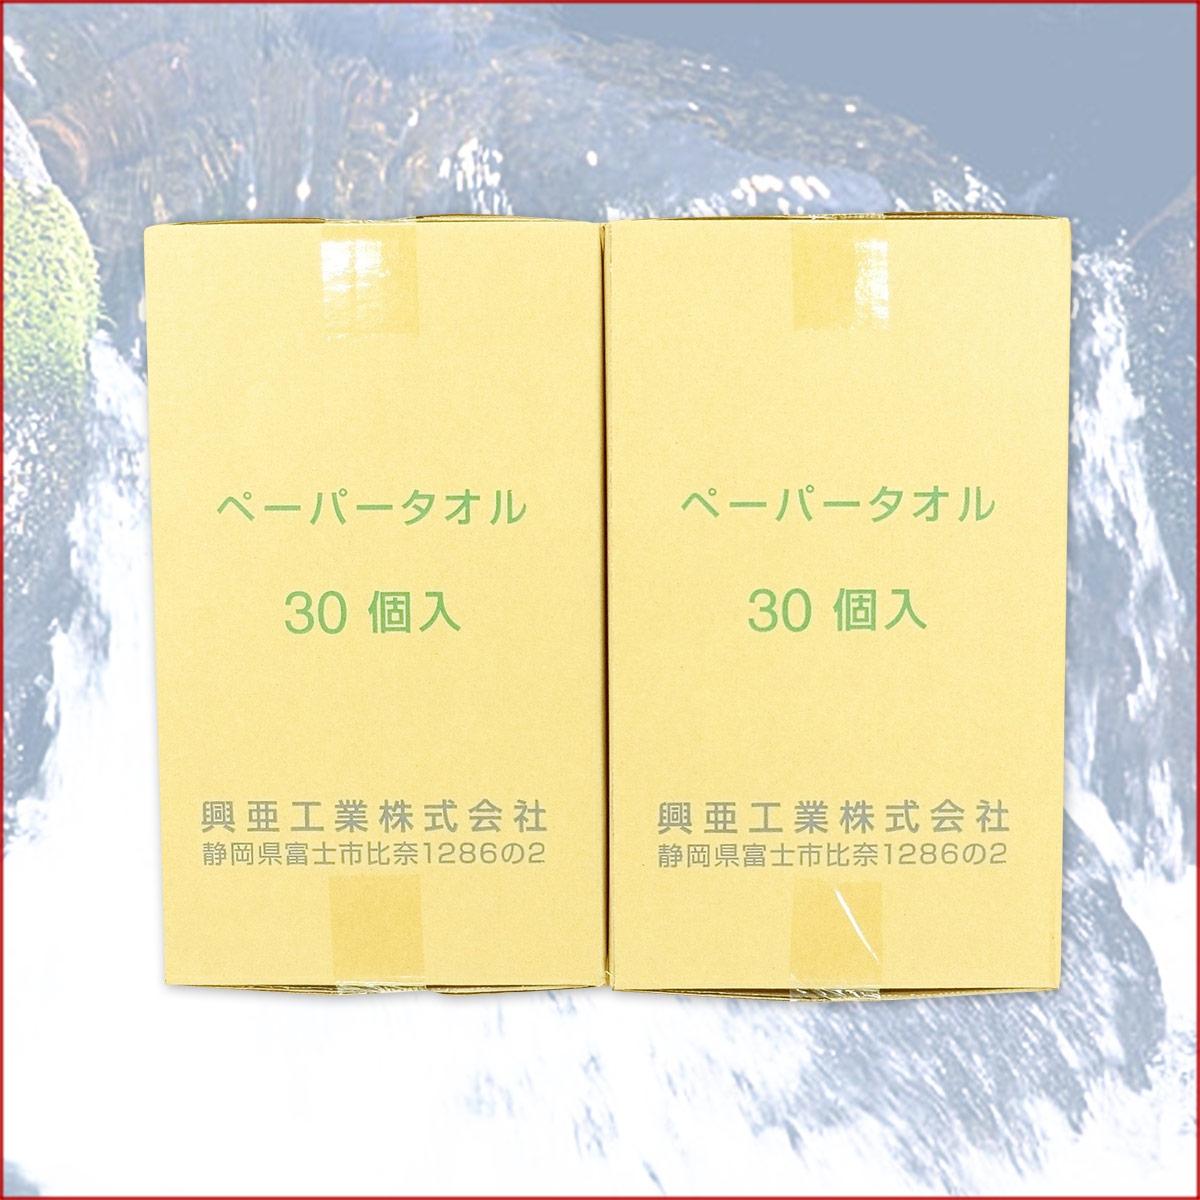 e-KOA(エコア) ペーパータオル 200枚 60パック(30パック×2ケース)の商品画像7